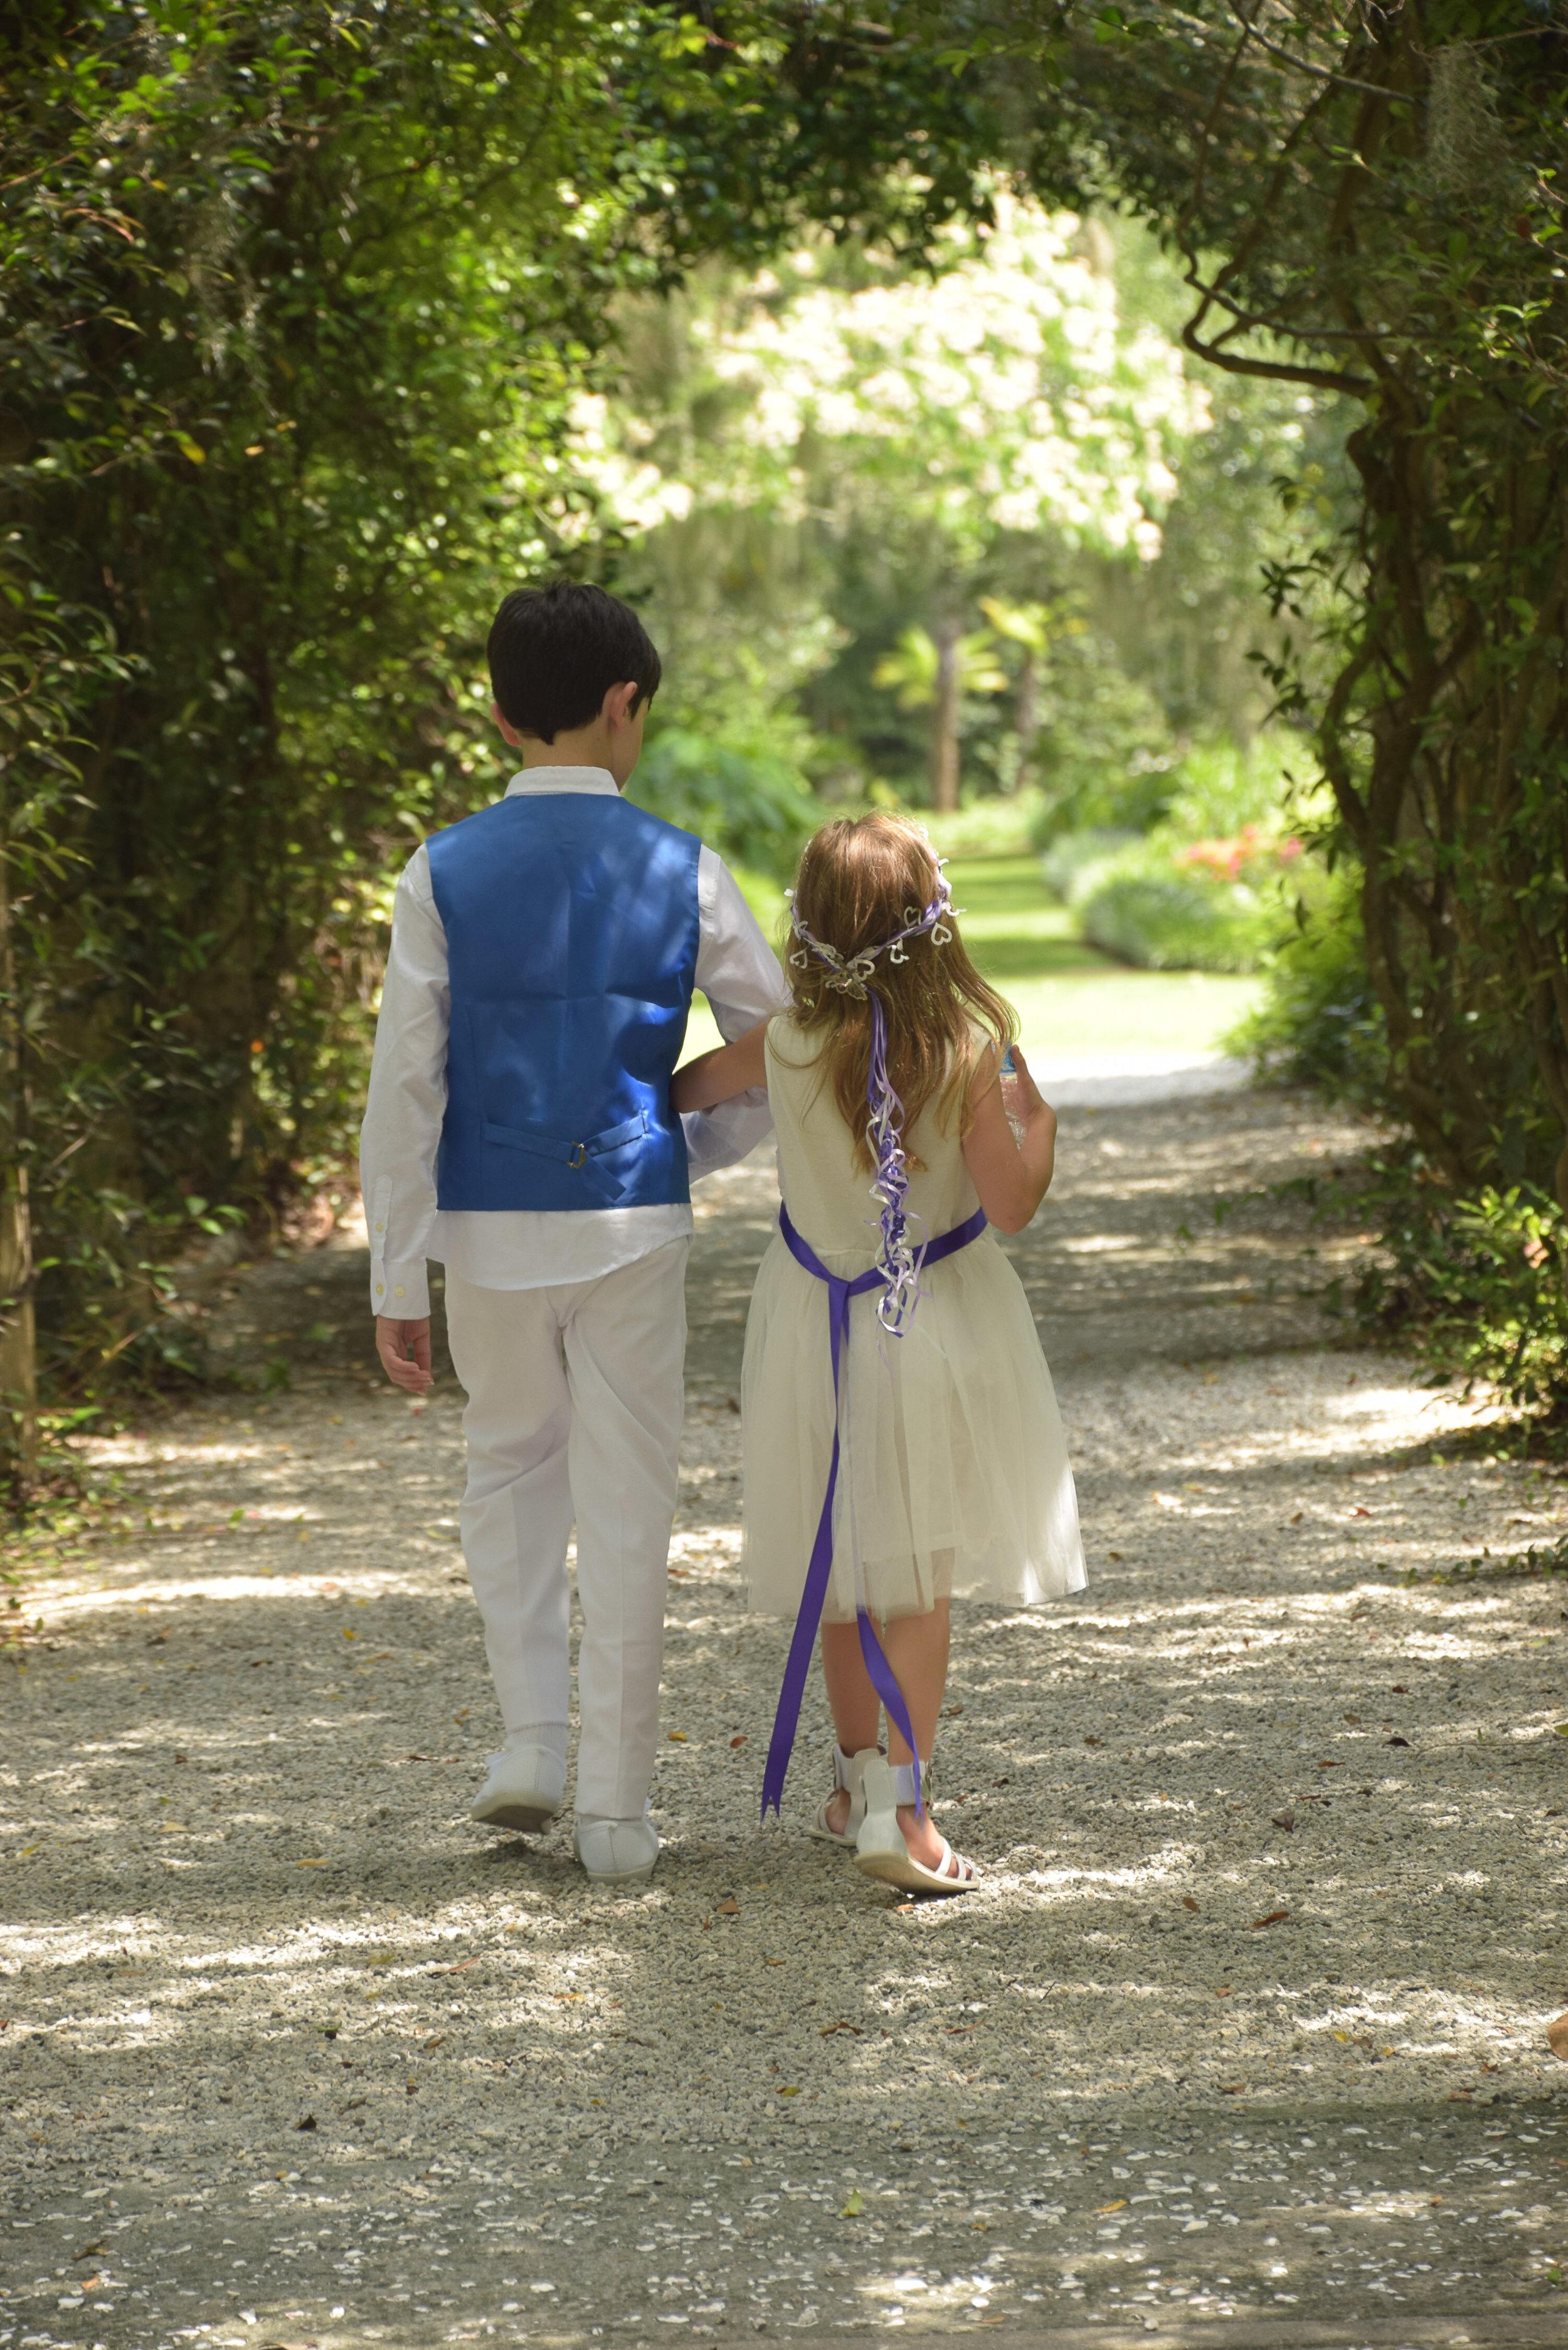 Flower girl and ring bearer walk.